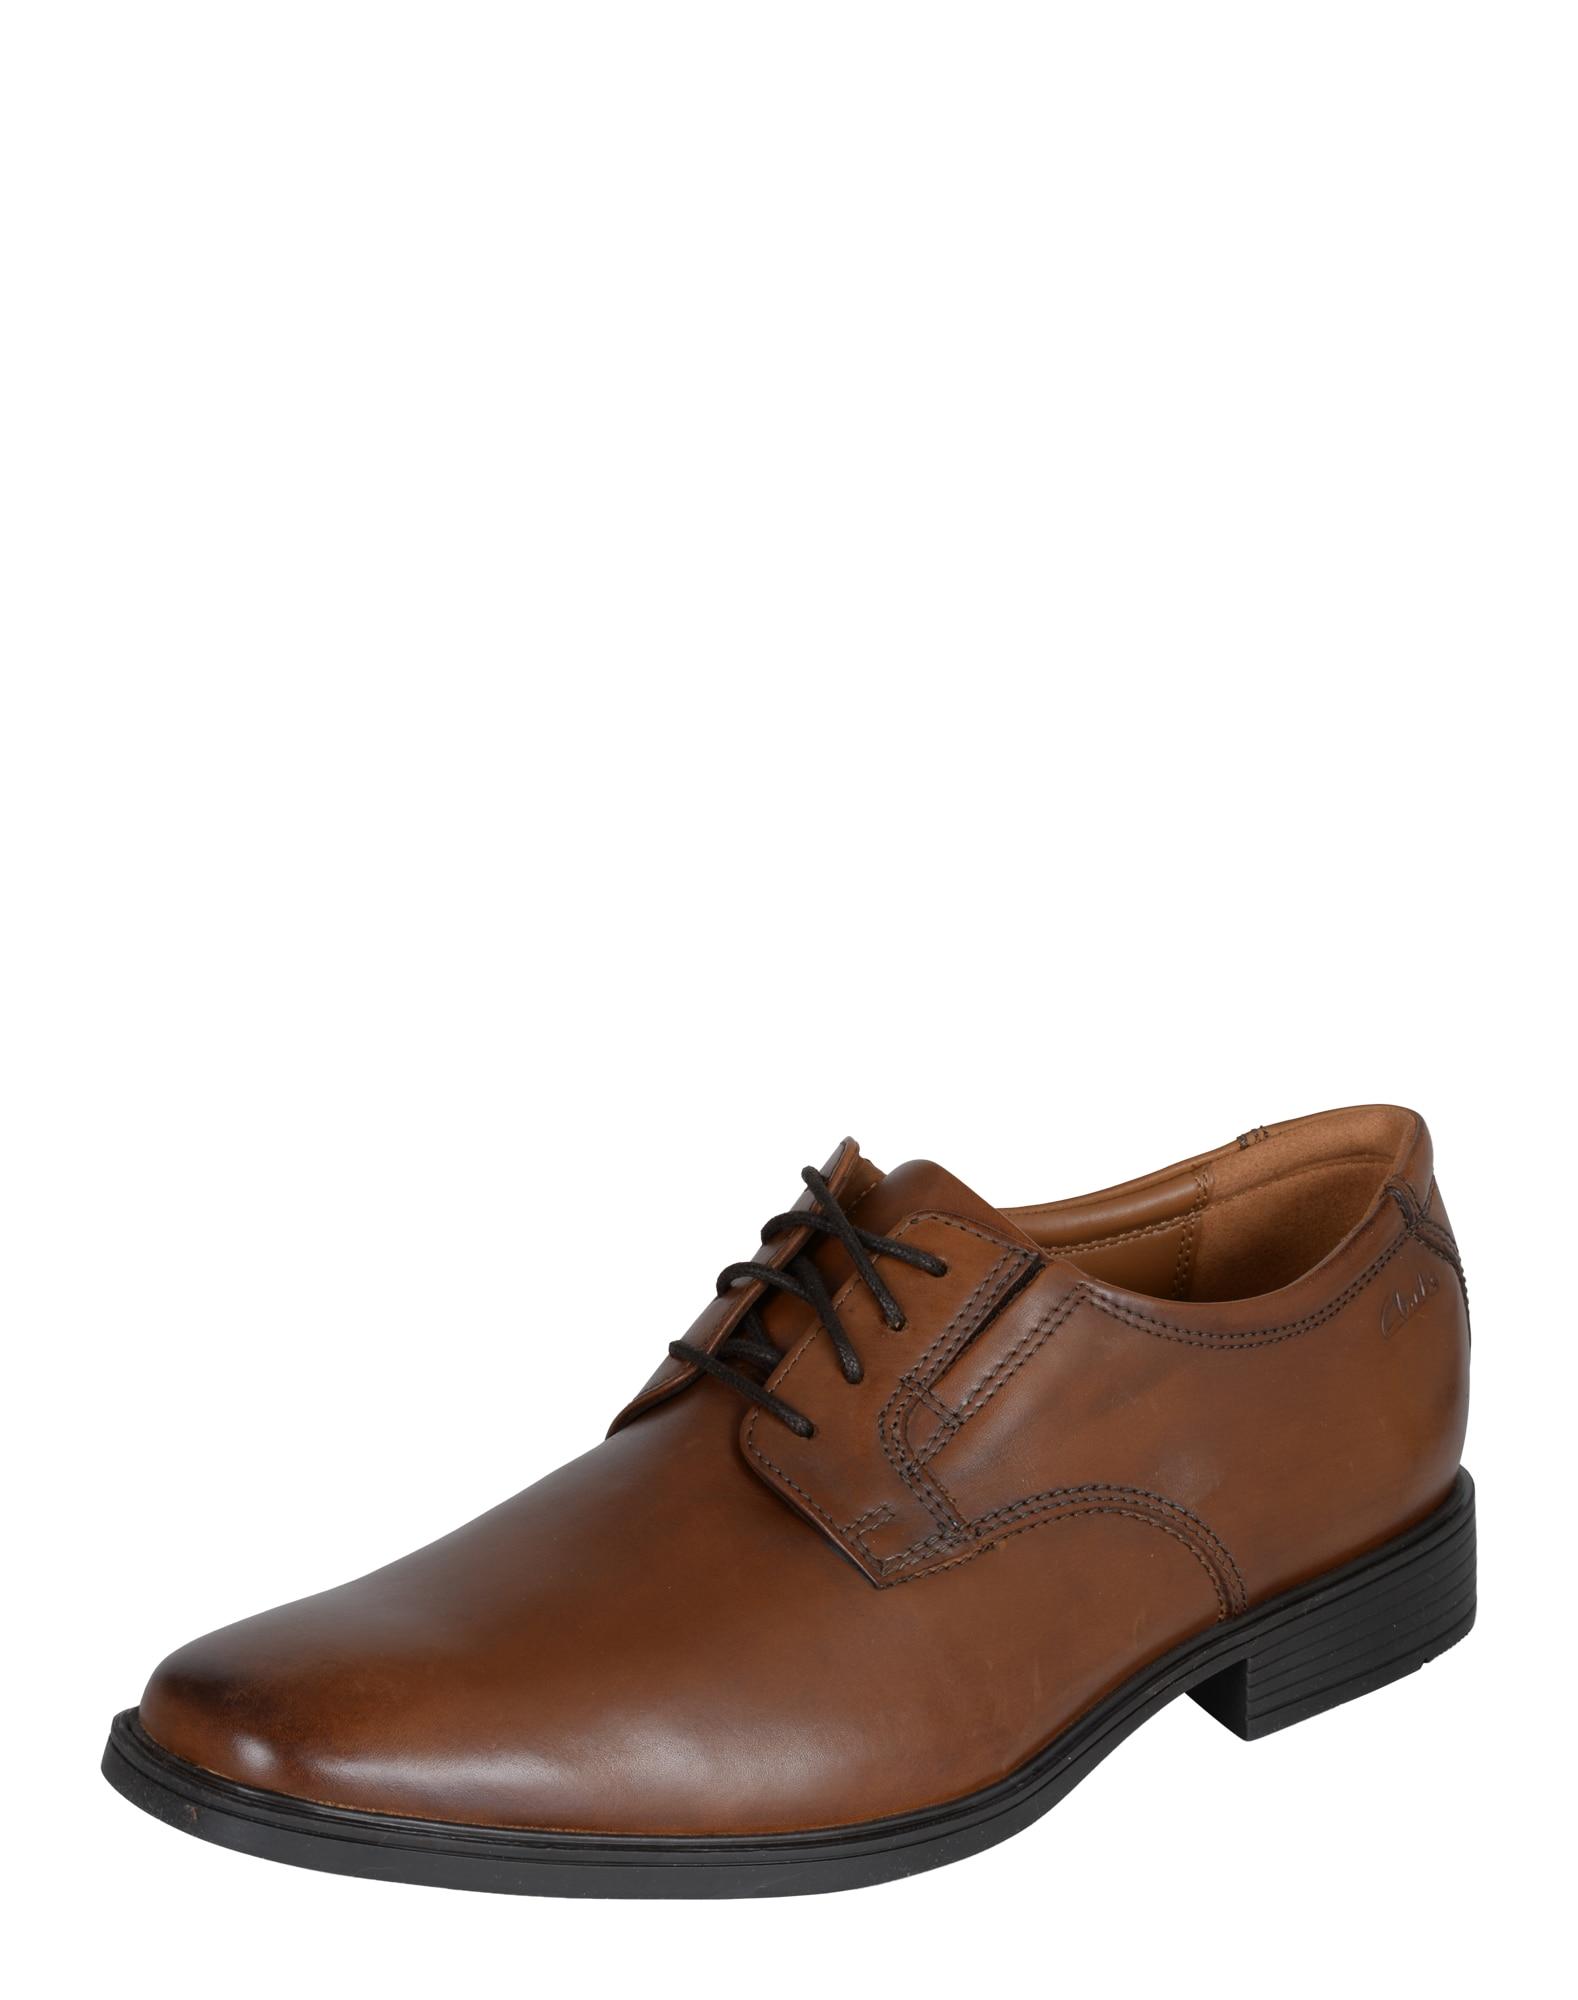 Šněrovací boty Tilden Plain hnědá CLARKS